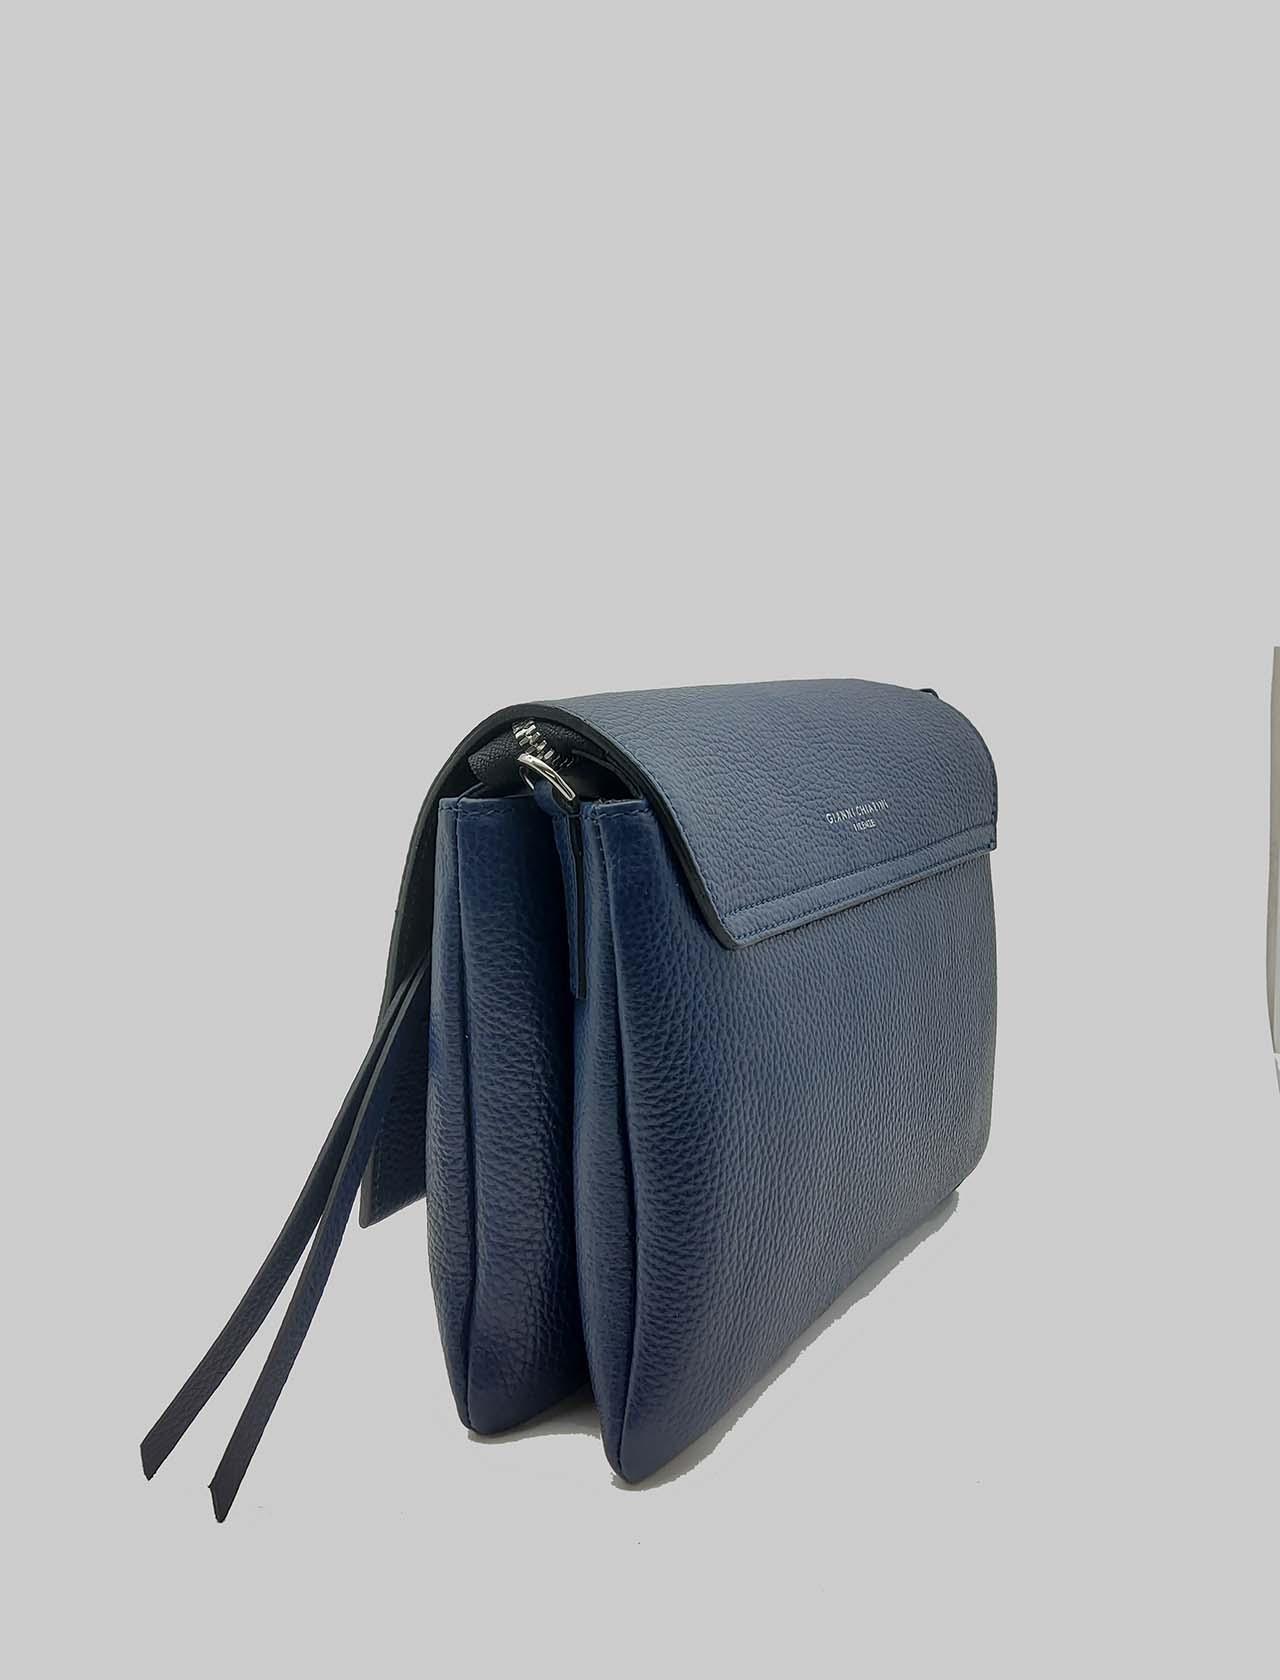 Borsa Donna Three A Tracolla In Pelle Blu Con Patta Lunga E Tracolla Removibile Gianni Chiarini | Borse e zaini | BS43640208